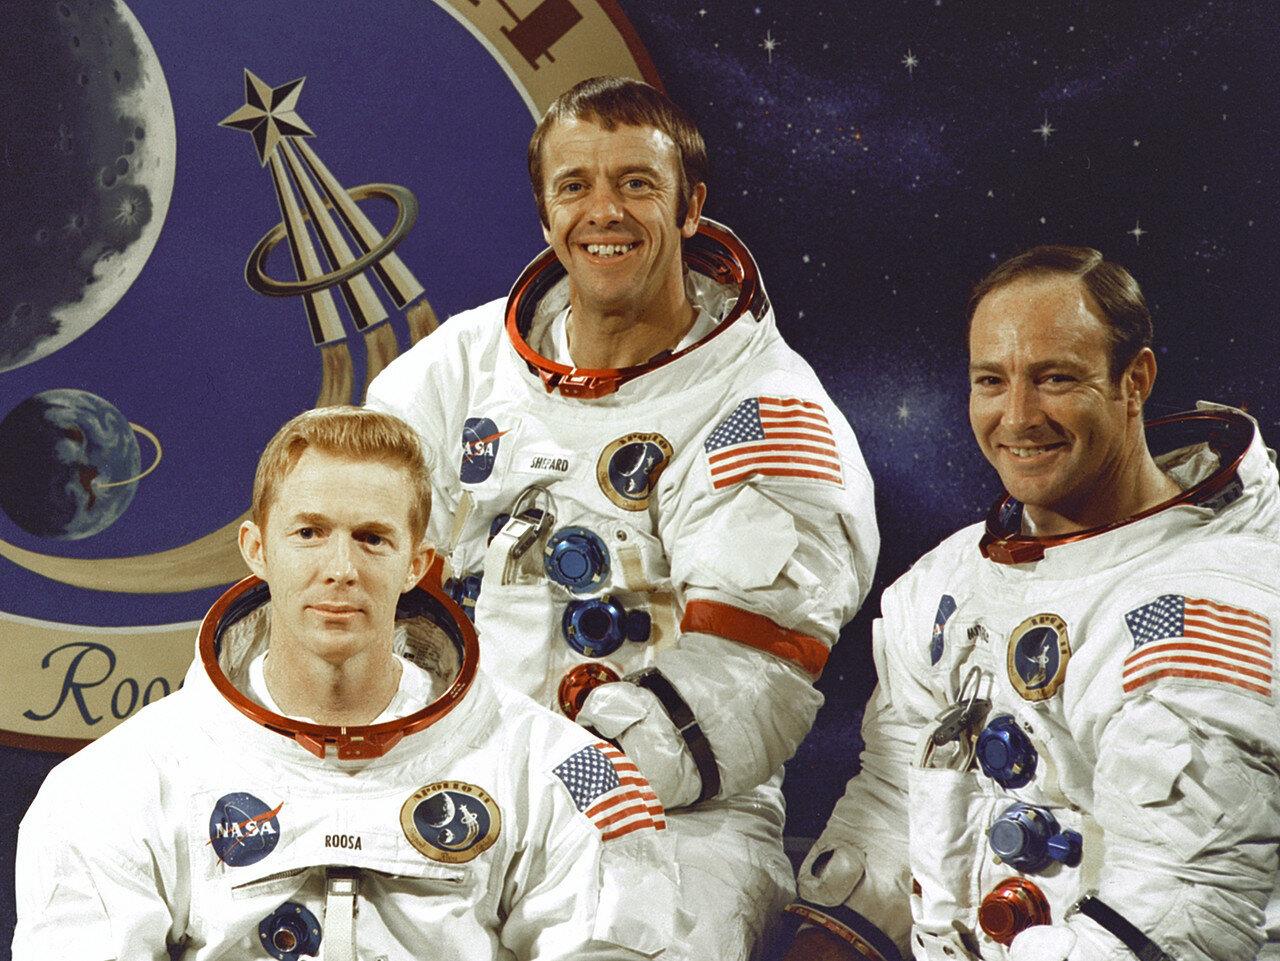 Экипаж корабля Аполлон-14. Командир — Алан Шепард.Пилот командного модуля — Стюарт Руса.Пилот лунного модуля — Эдгар Митчелл